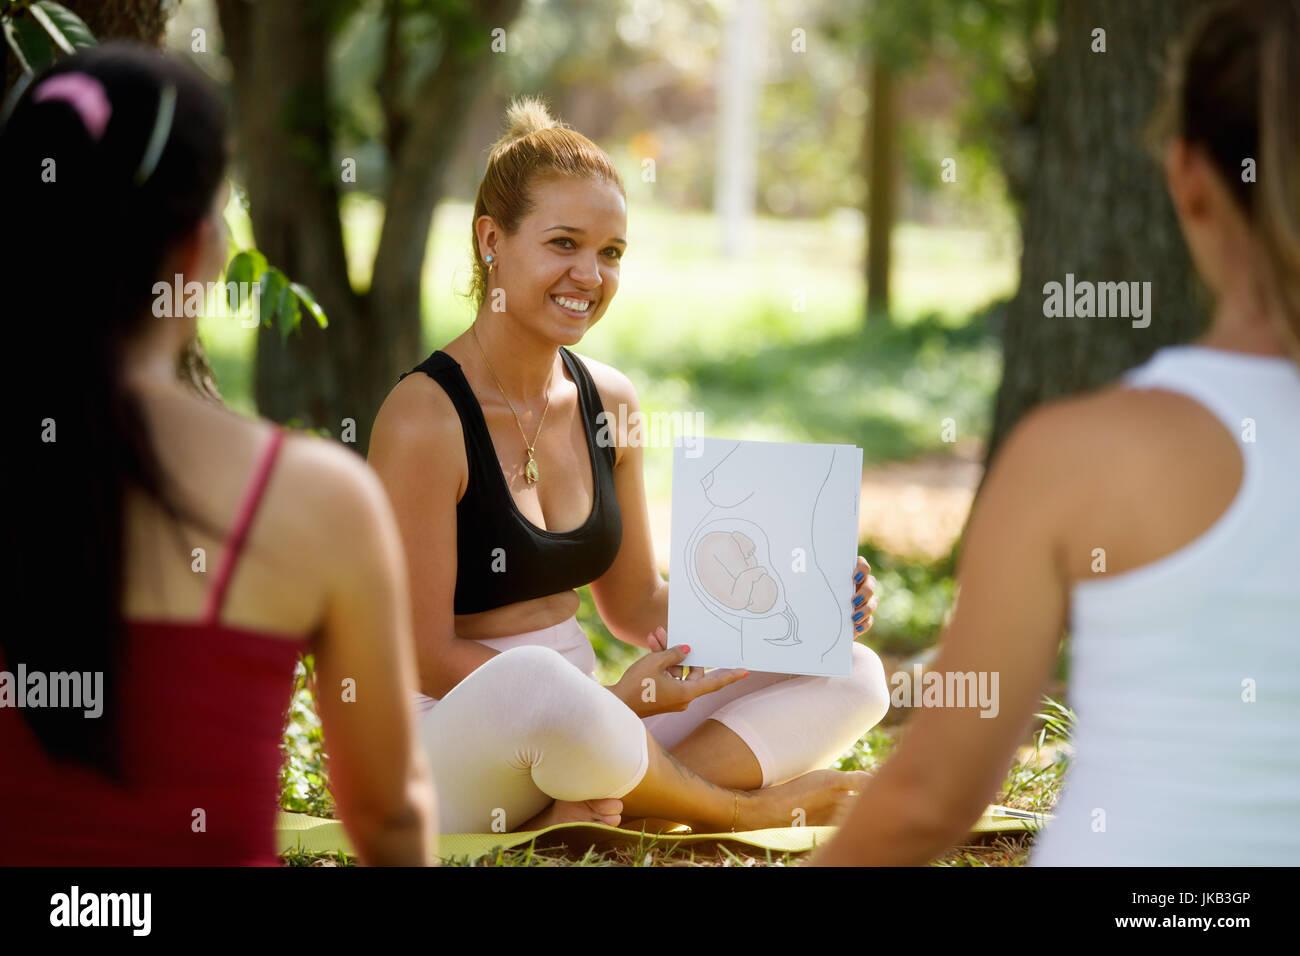 Les femmes enceintes de prendre leçon prénatale en parc. La croissance de bébé à l'intérieur Photo Stock